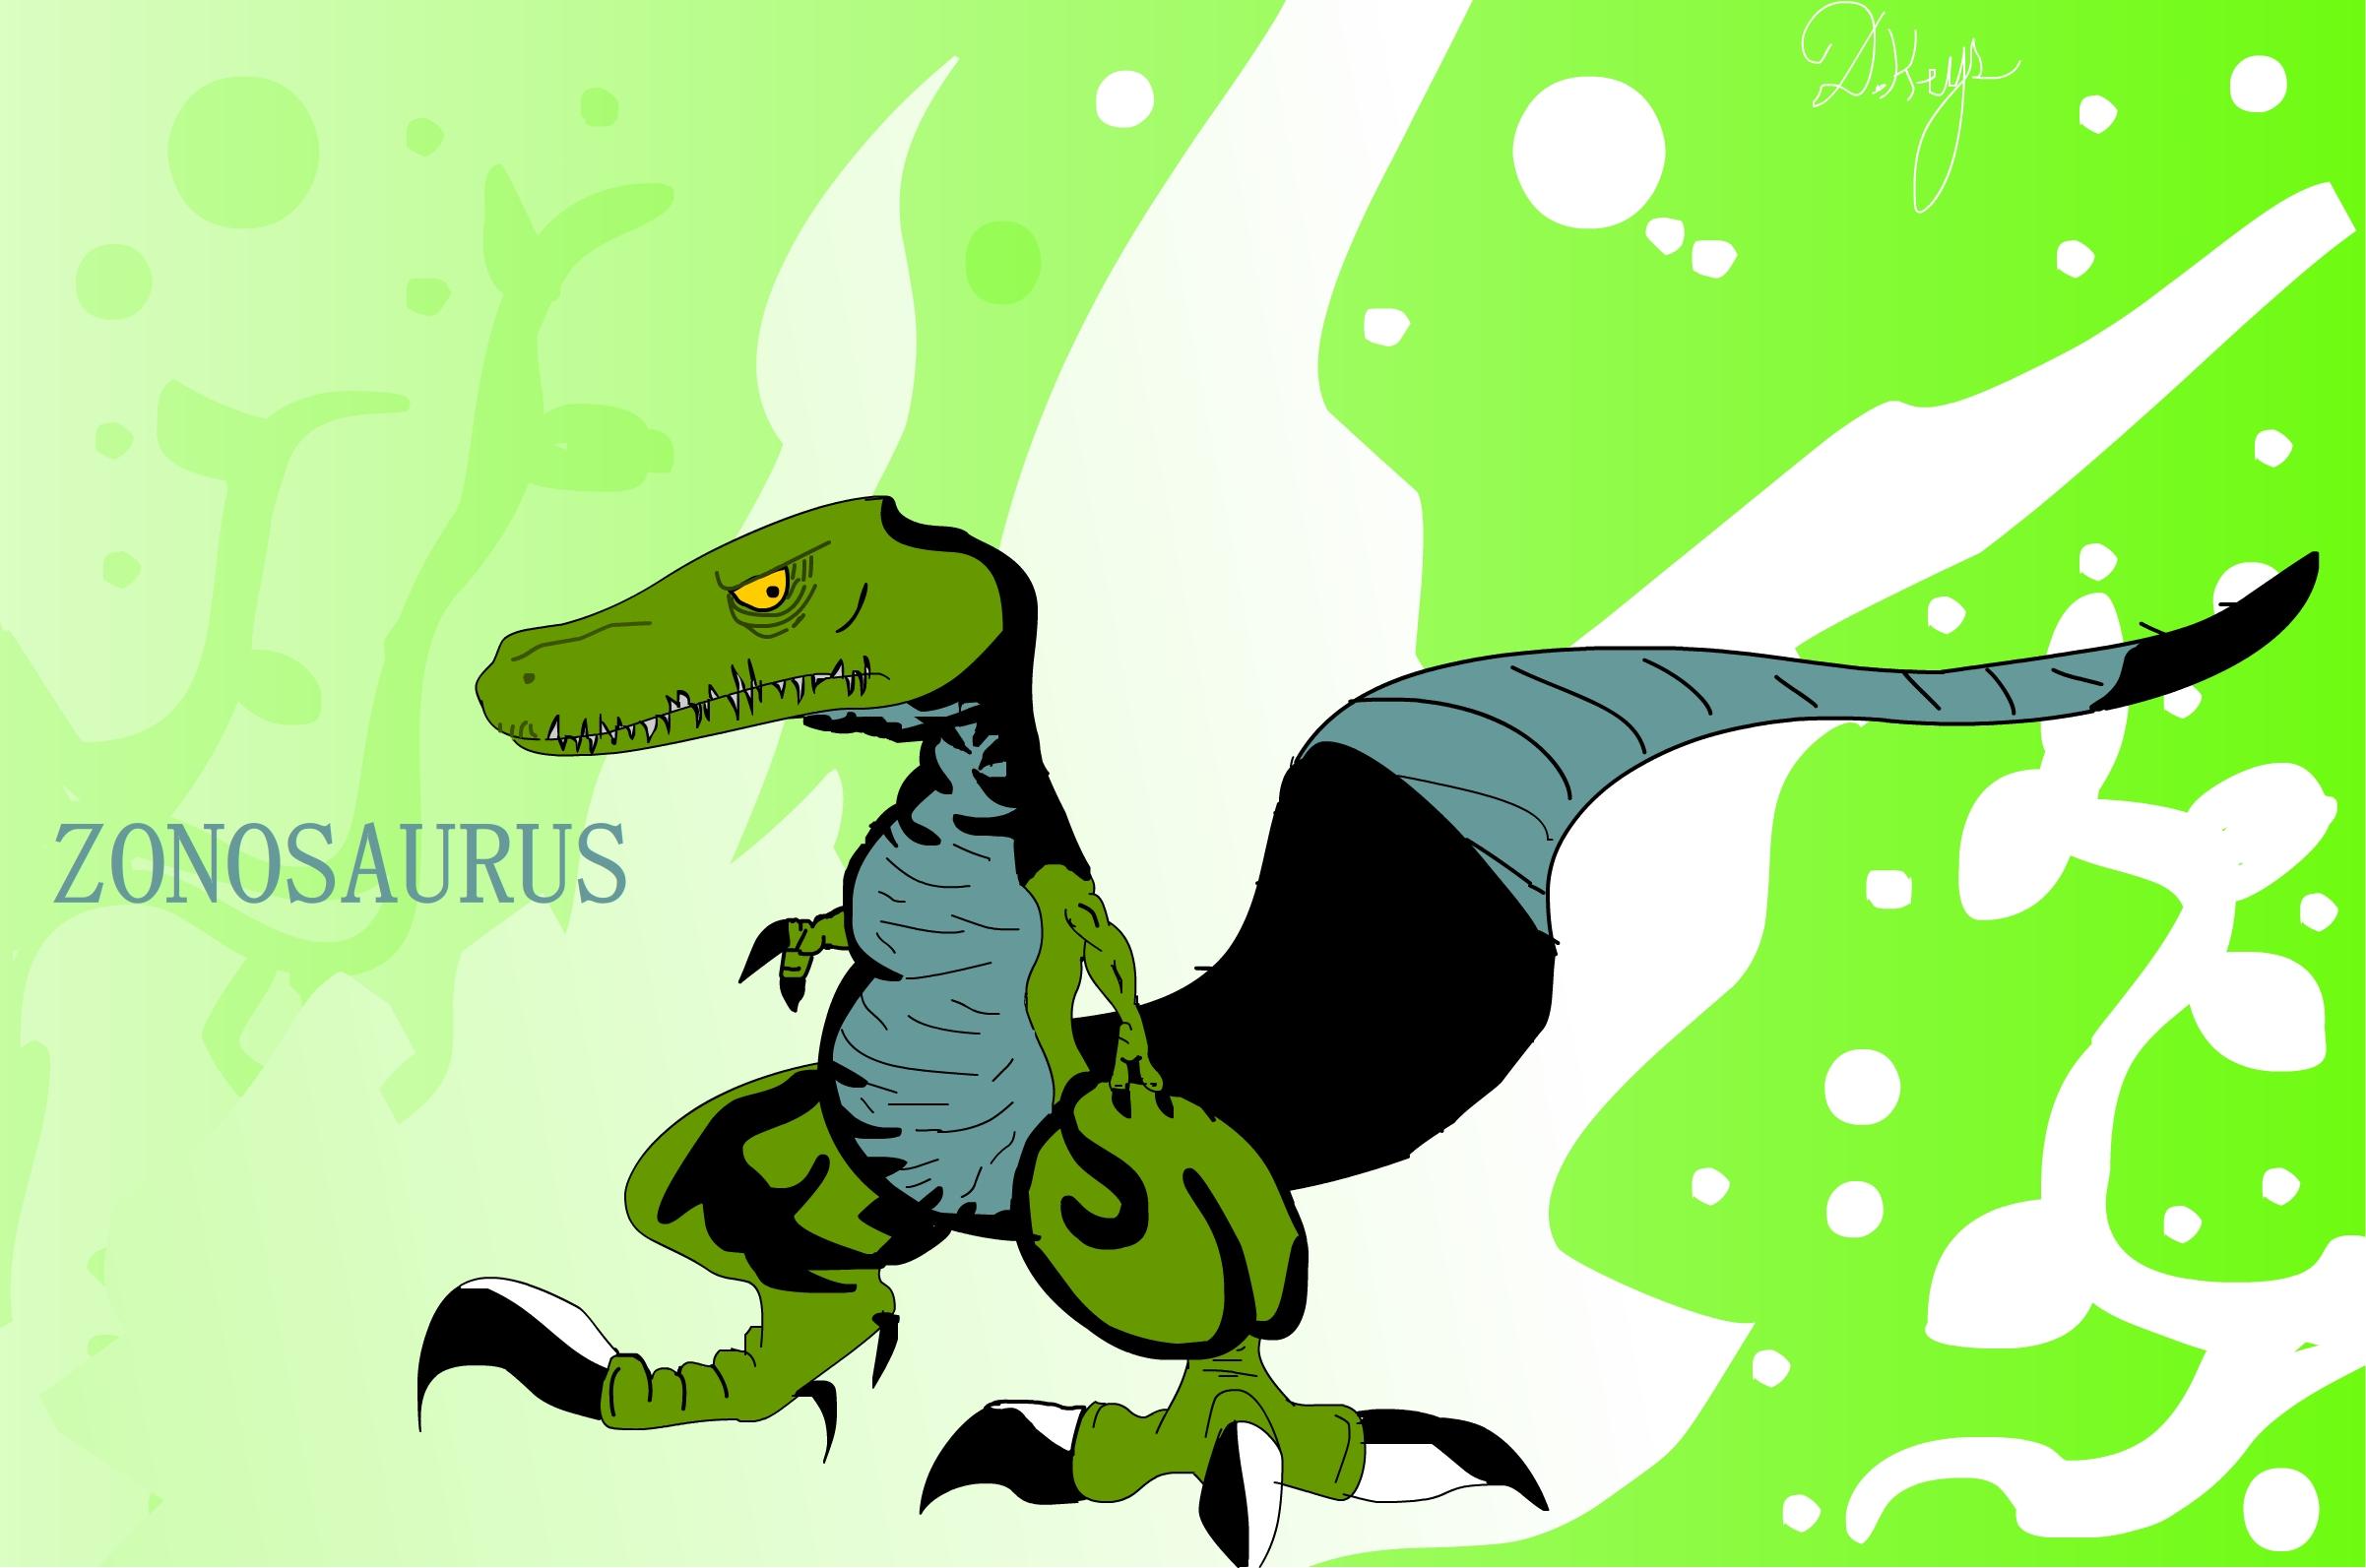 Zonosaurus